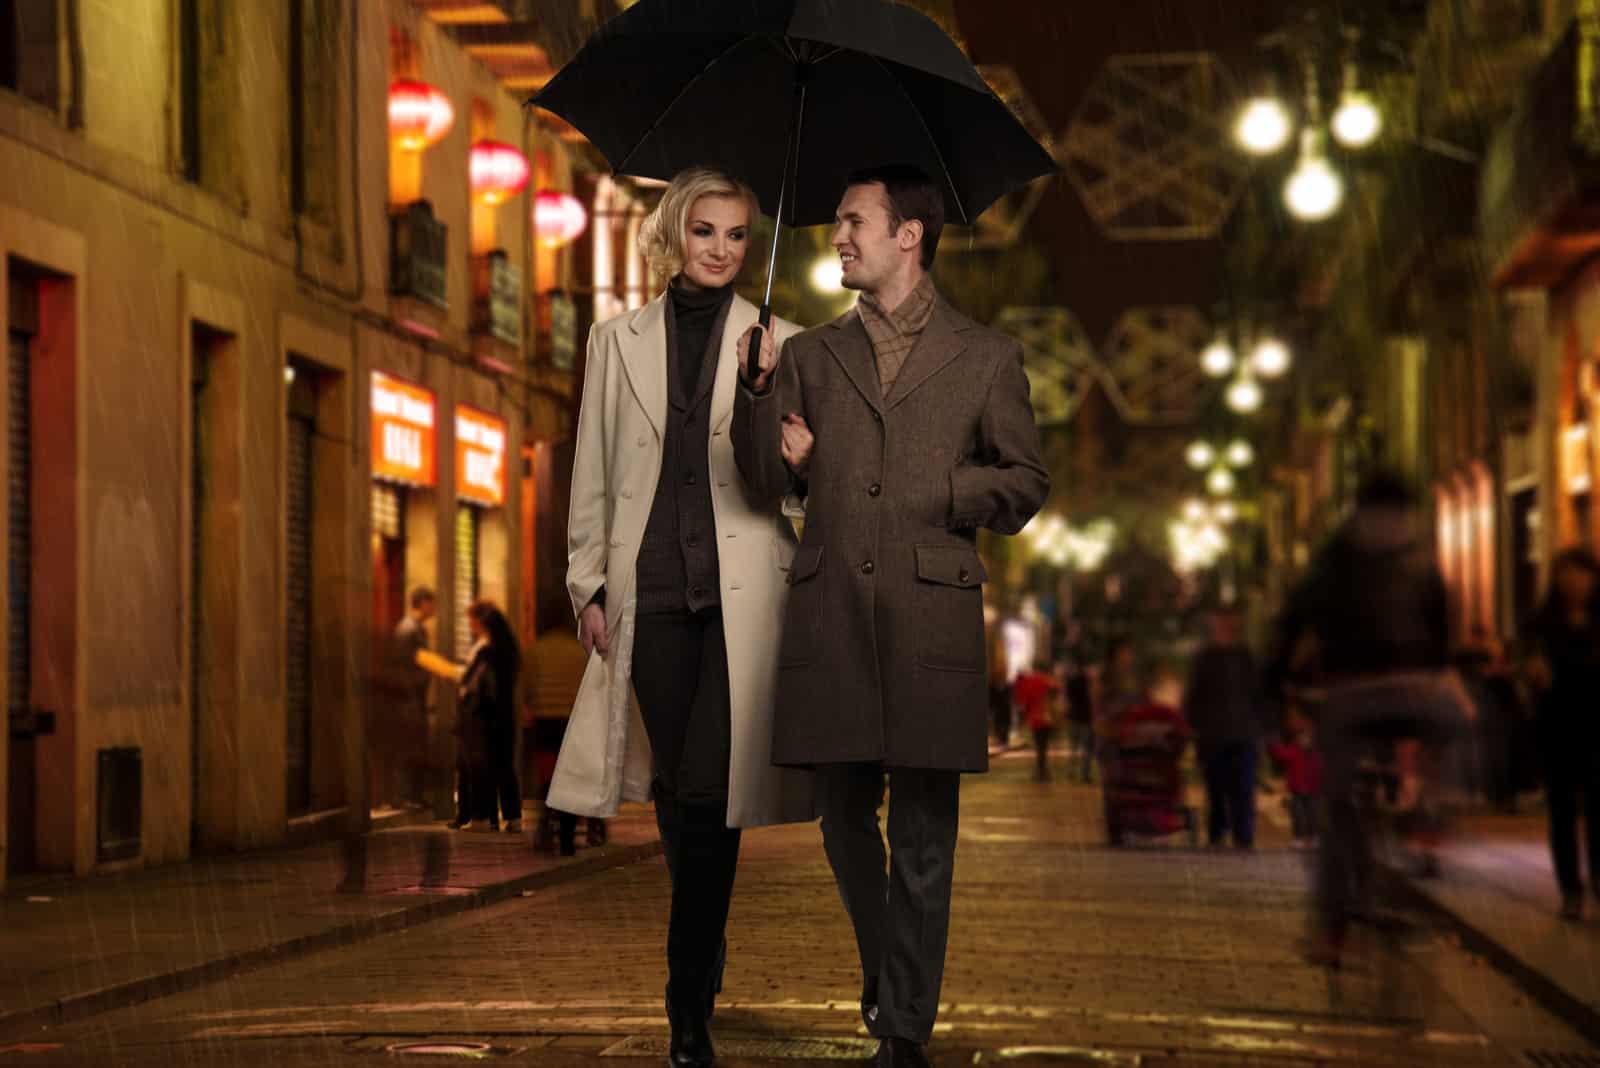 un couple amoureux s'installe dans la rue